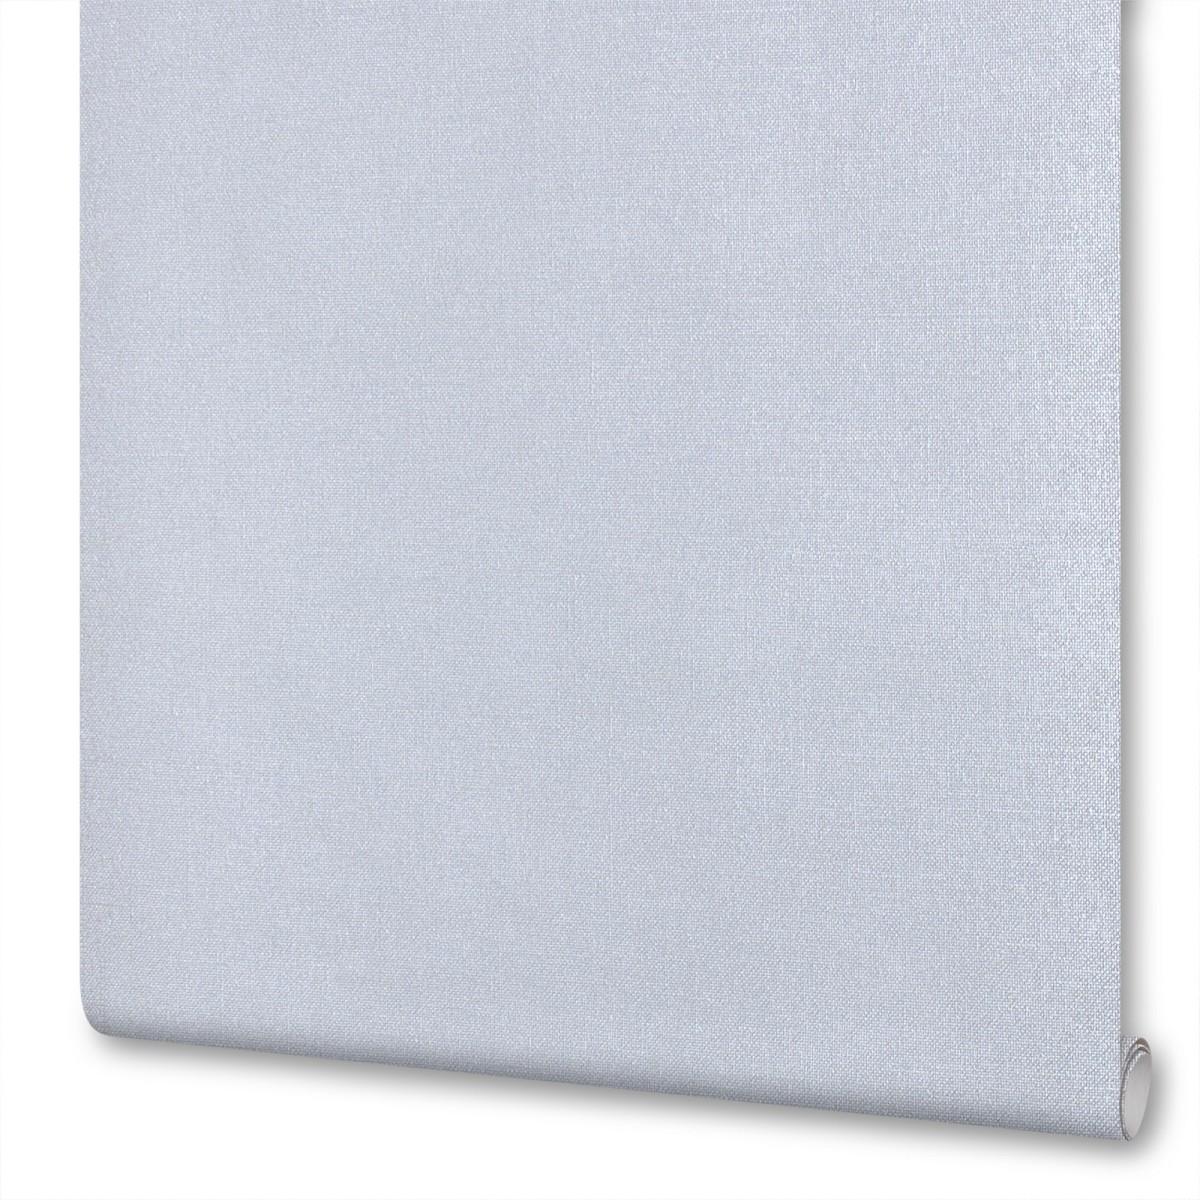 Обои флизелиновые Vagnerplast Textil Nagre серые 0.53 м Обои